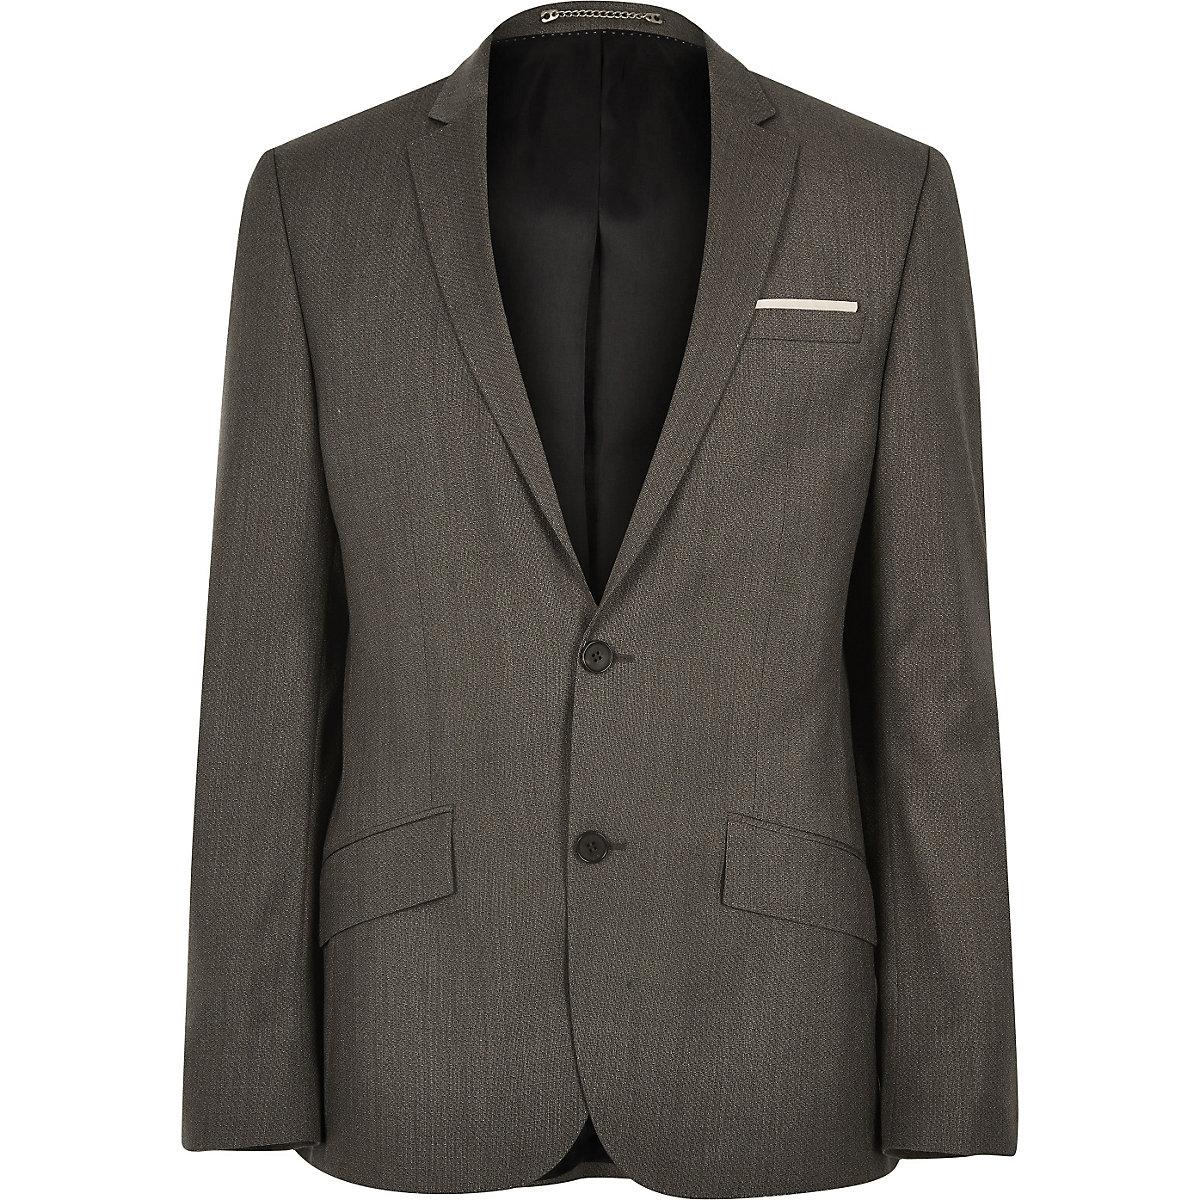 Brown premium wool suit jacket